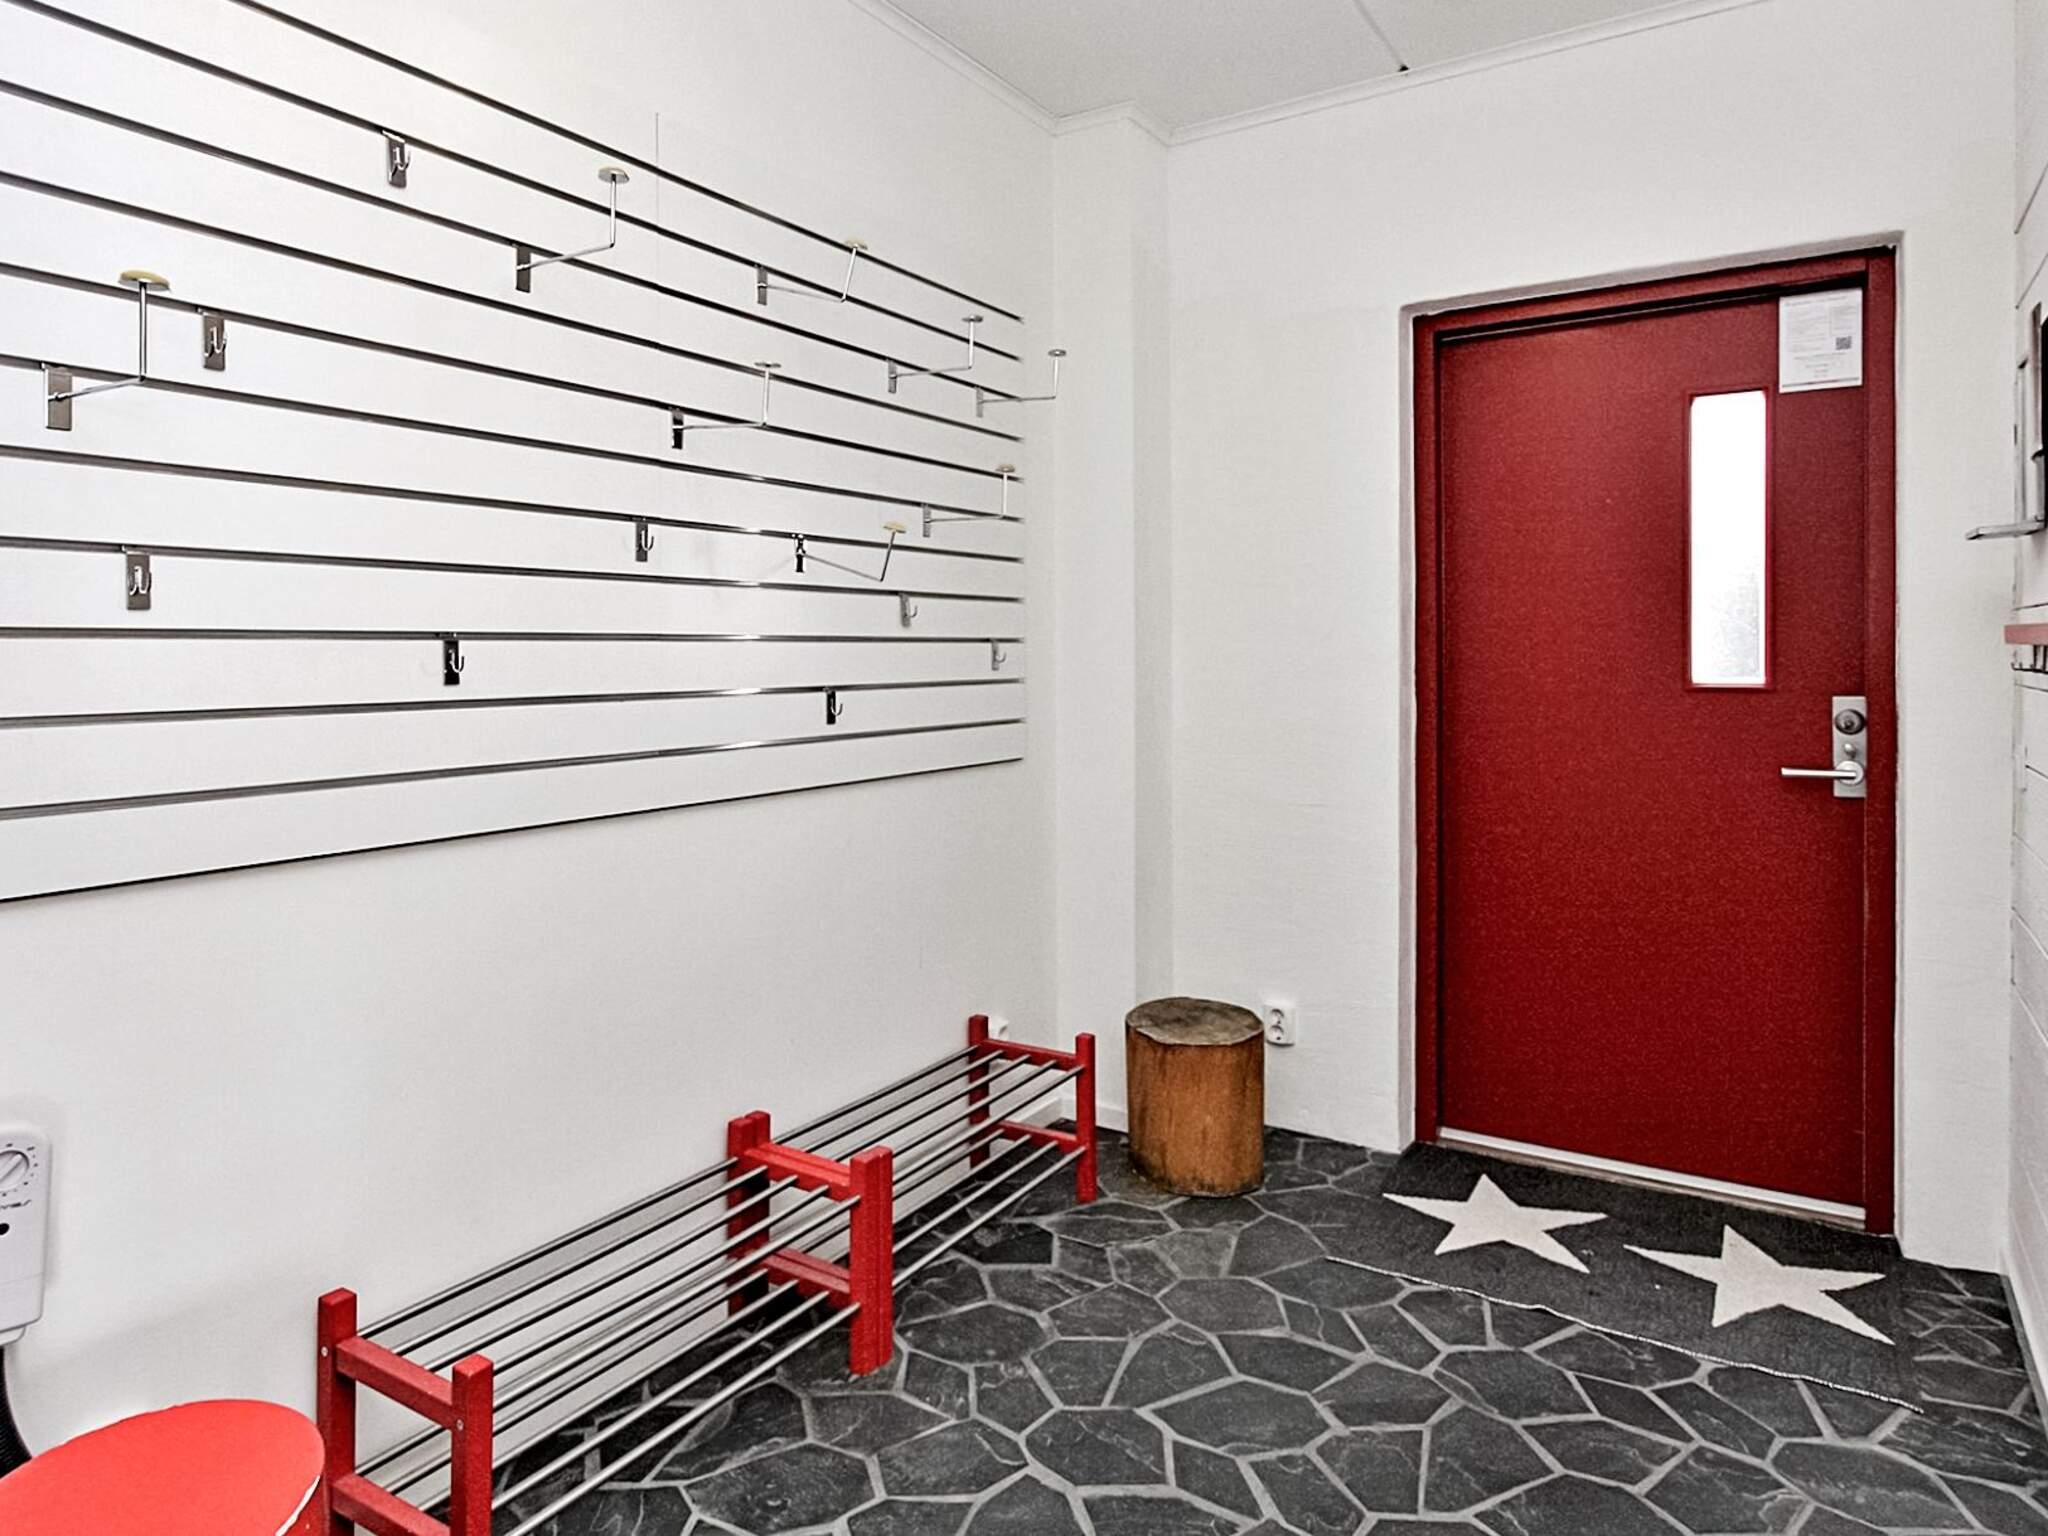 Ferienhaus Vemdalen (2744399), Vemdalen, Jämtlands län, Nordschweden, Schweden, Bild 12